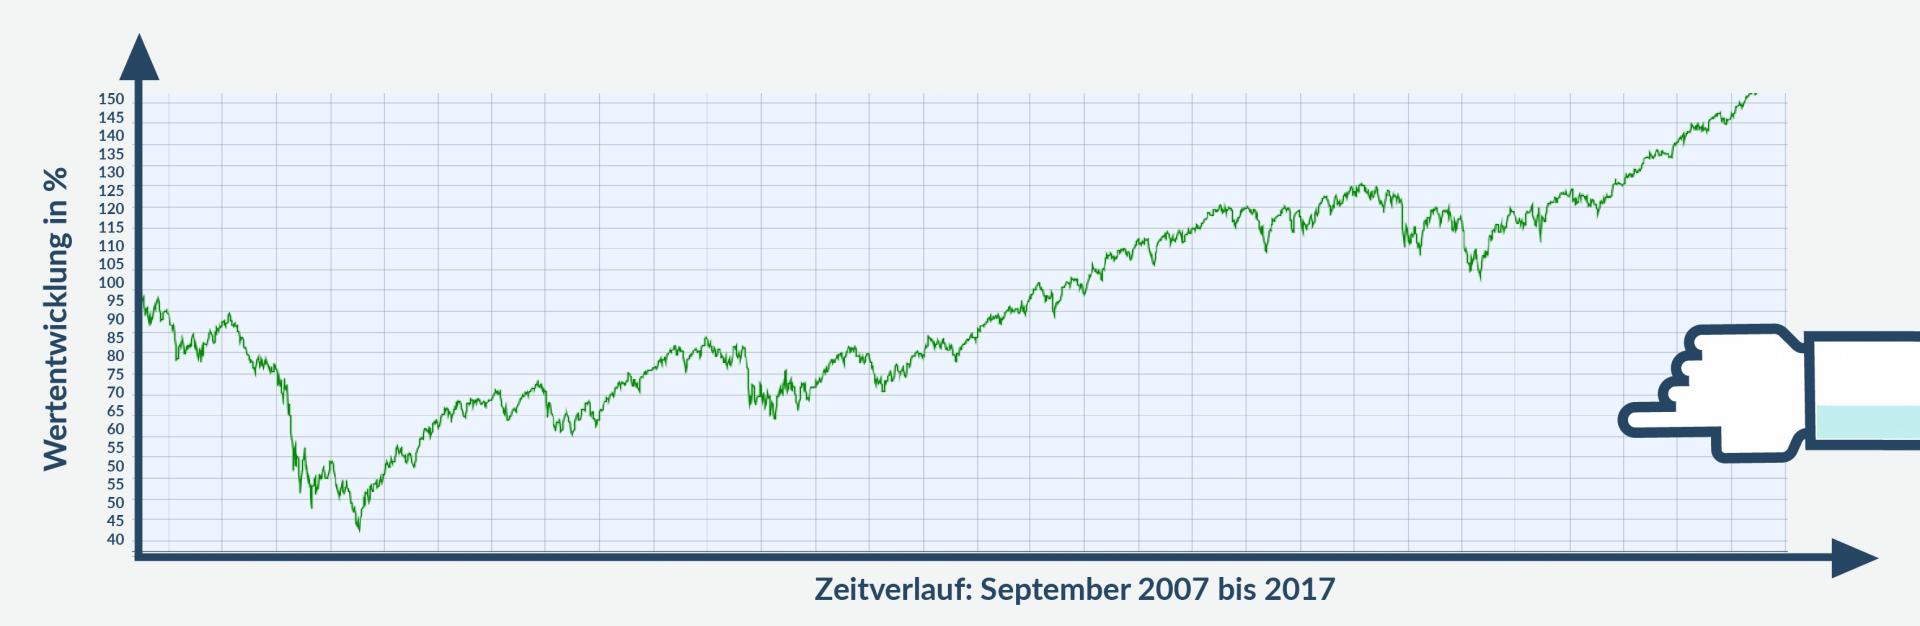 Geld langfristig investieren